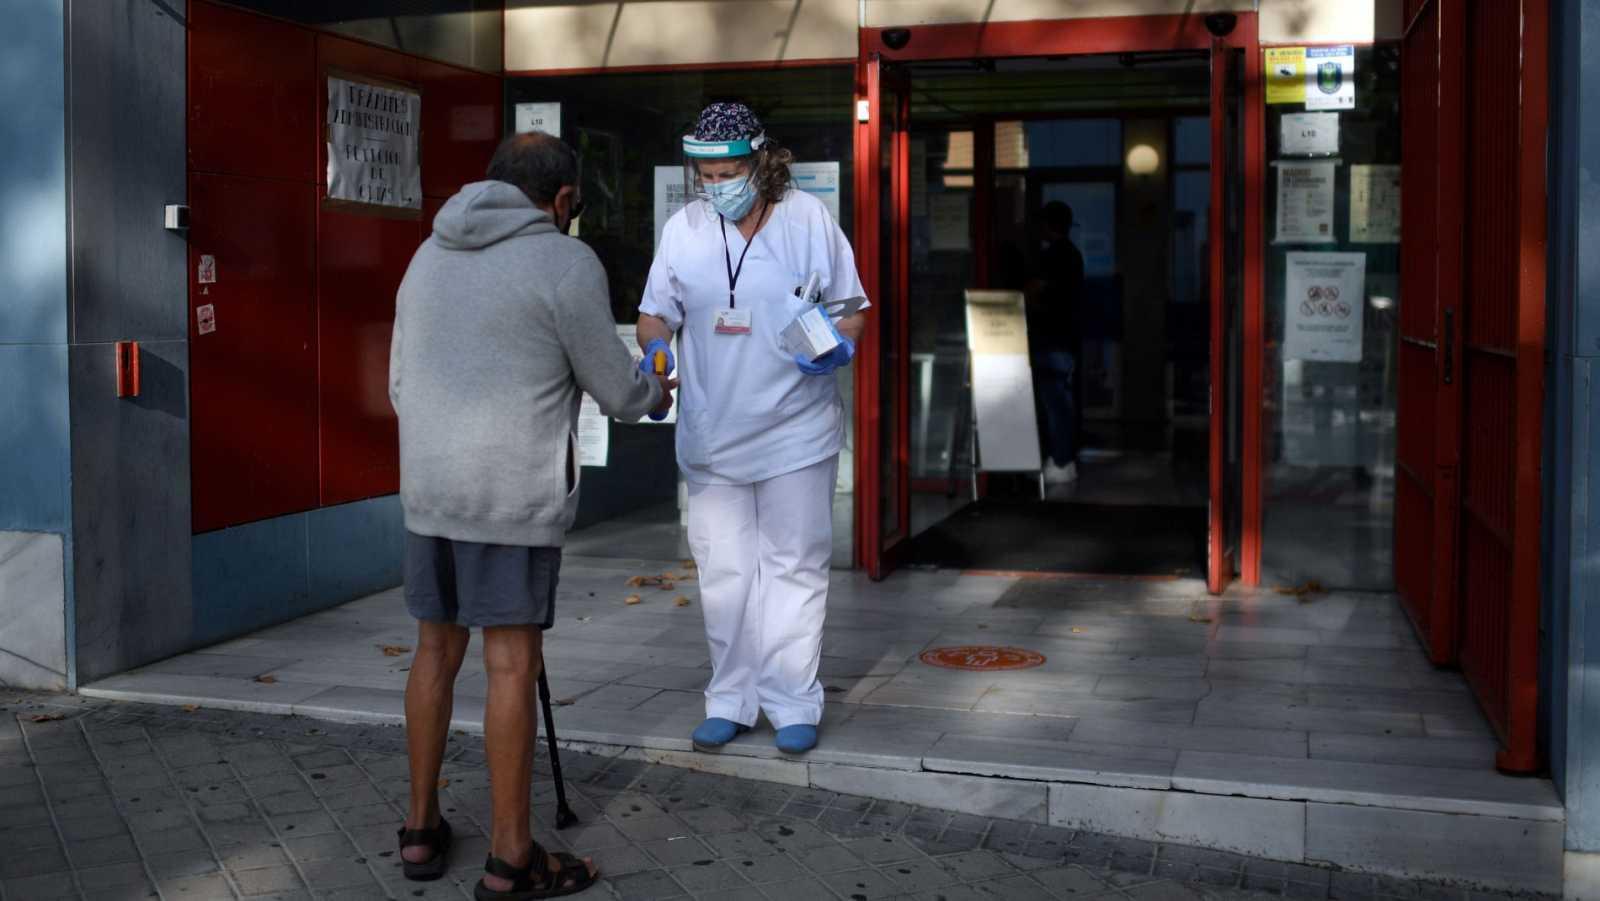 Un paciente es atendido a su llegada al centro de salud de Las Calesas, en el distrito de Usera